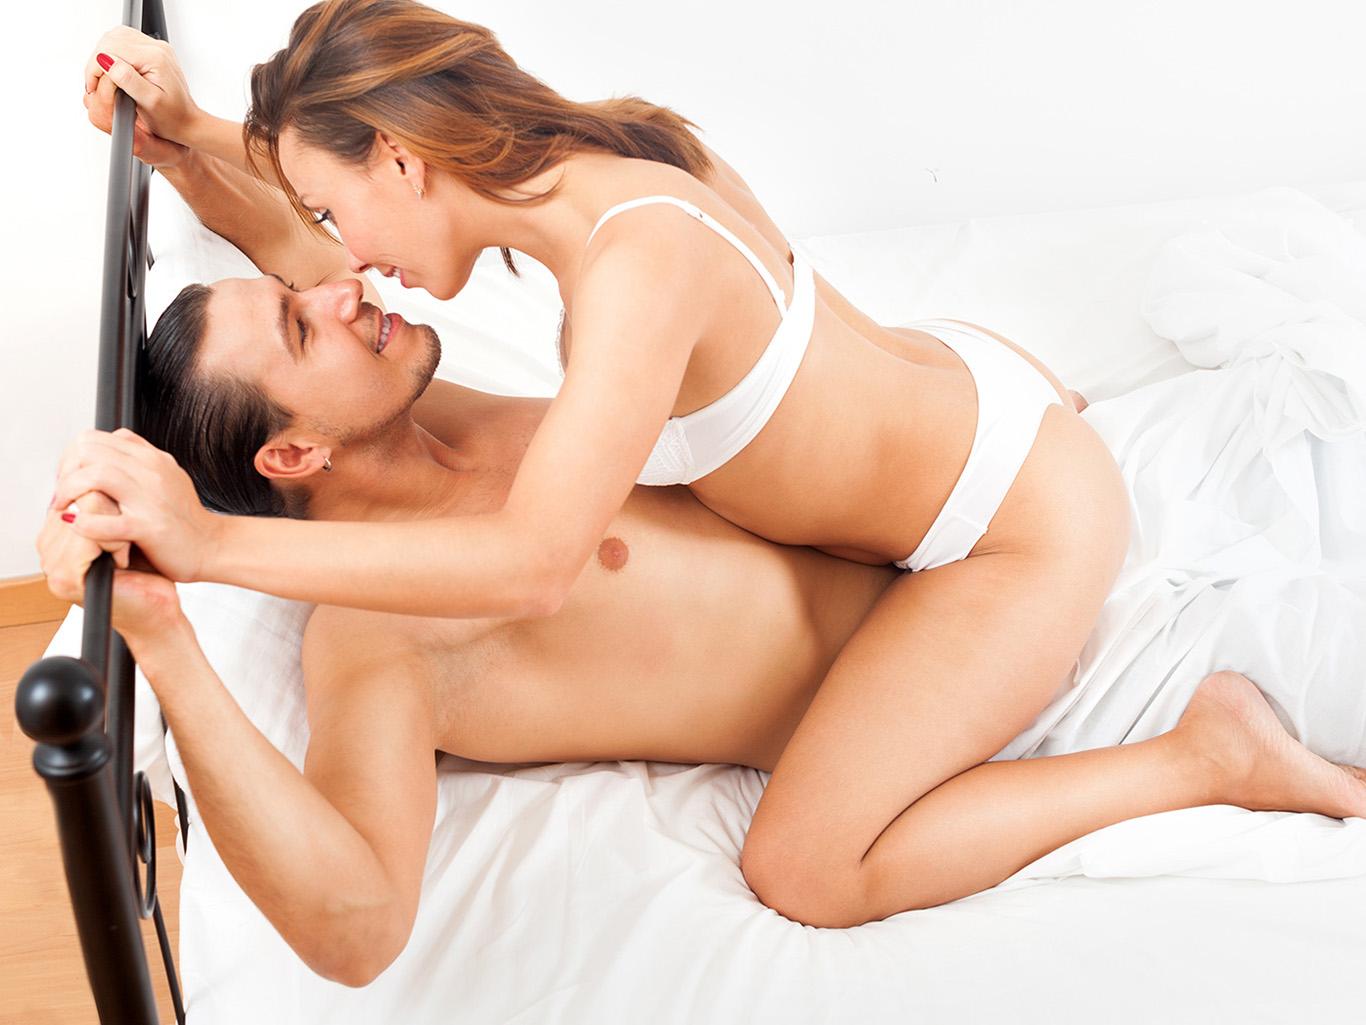 Порно сидя на самом деле видео, большой член аж чуть не задохнулась